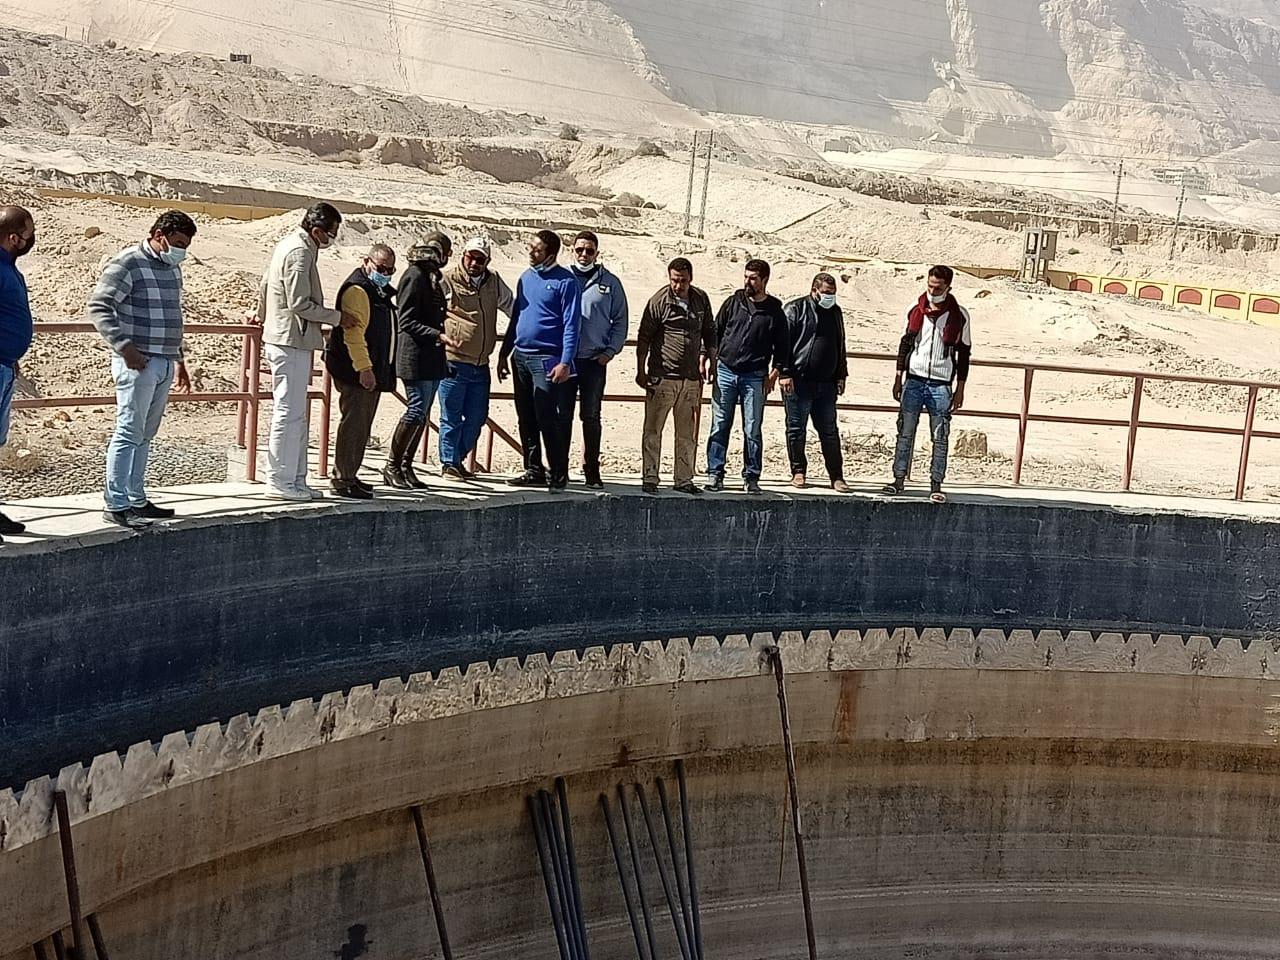 لجنة مشتركة لمتابعة الصرف الصناعي بخليج السويس وتحقيق أقصى استفادة من المياه المعالجة